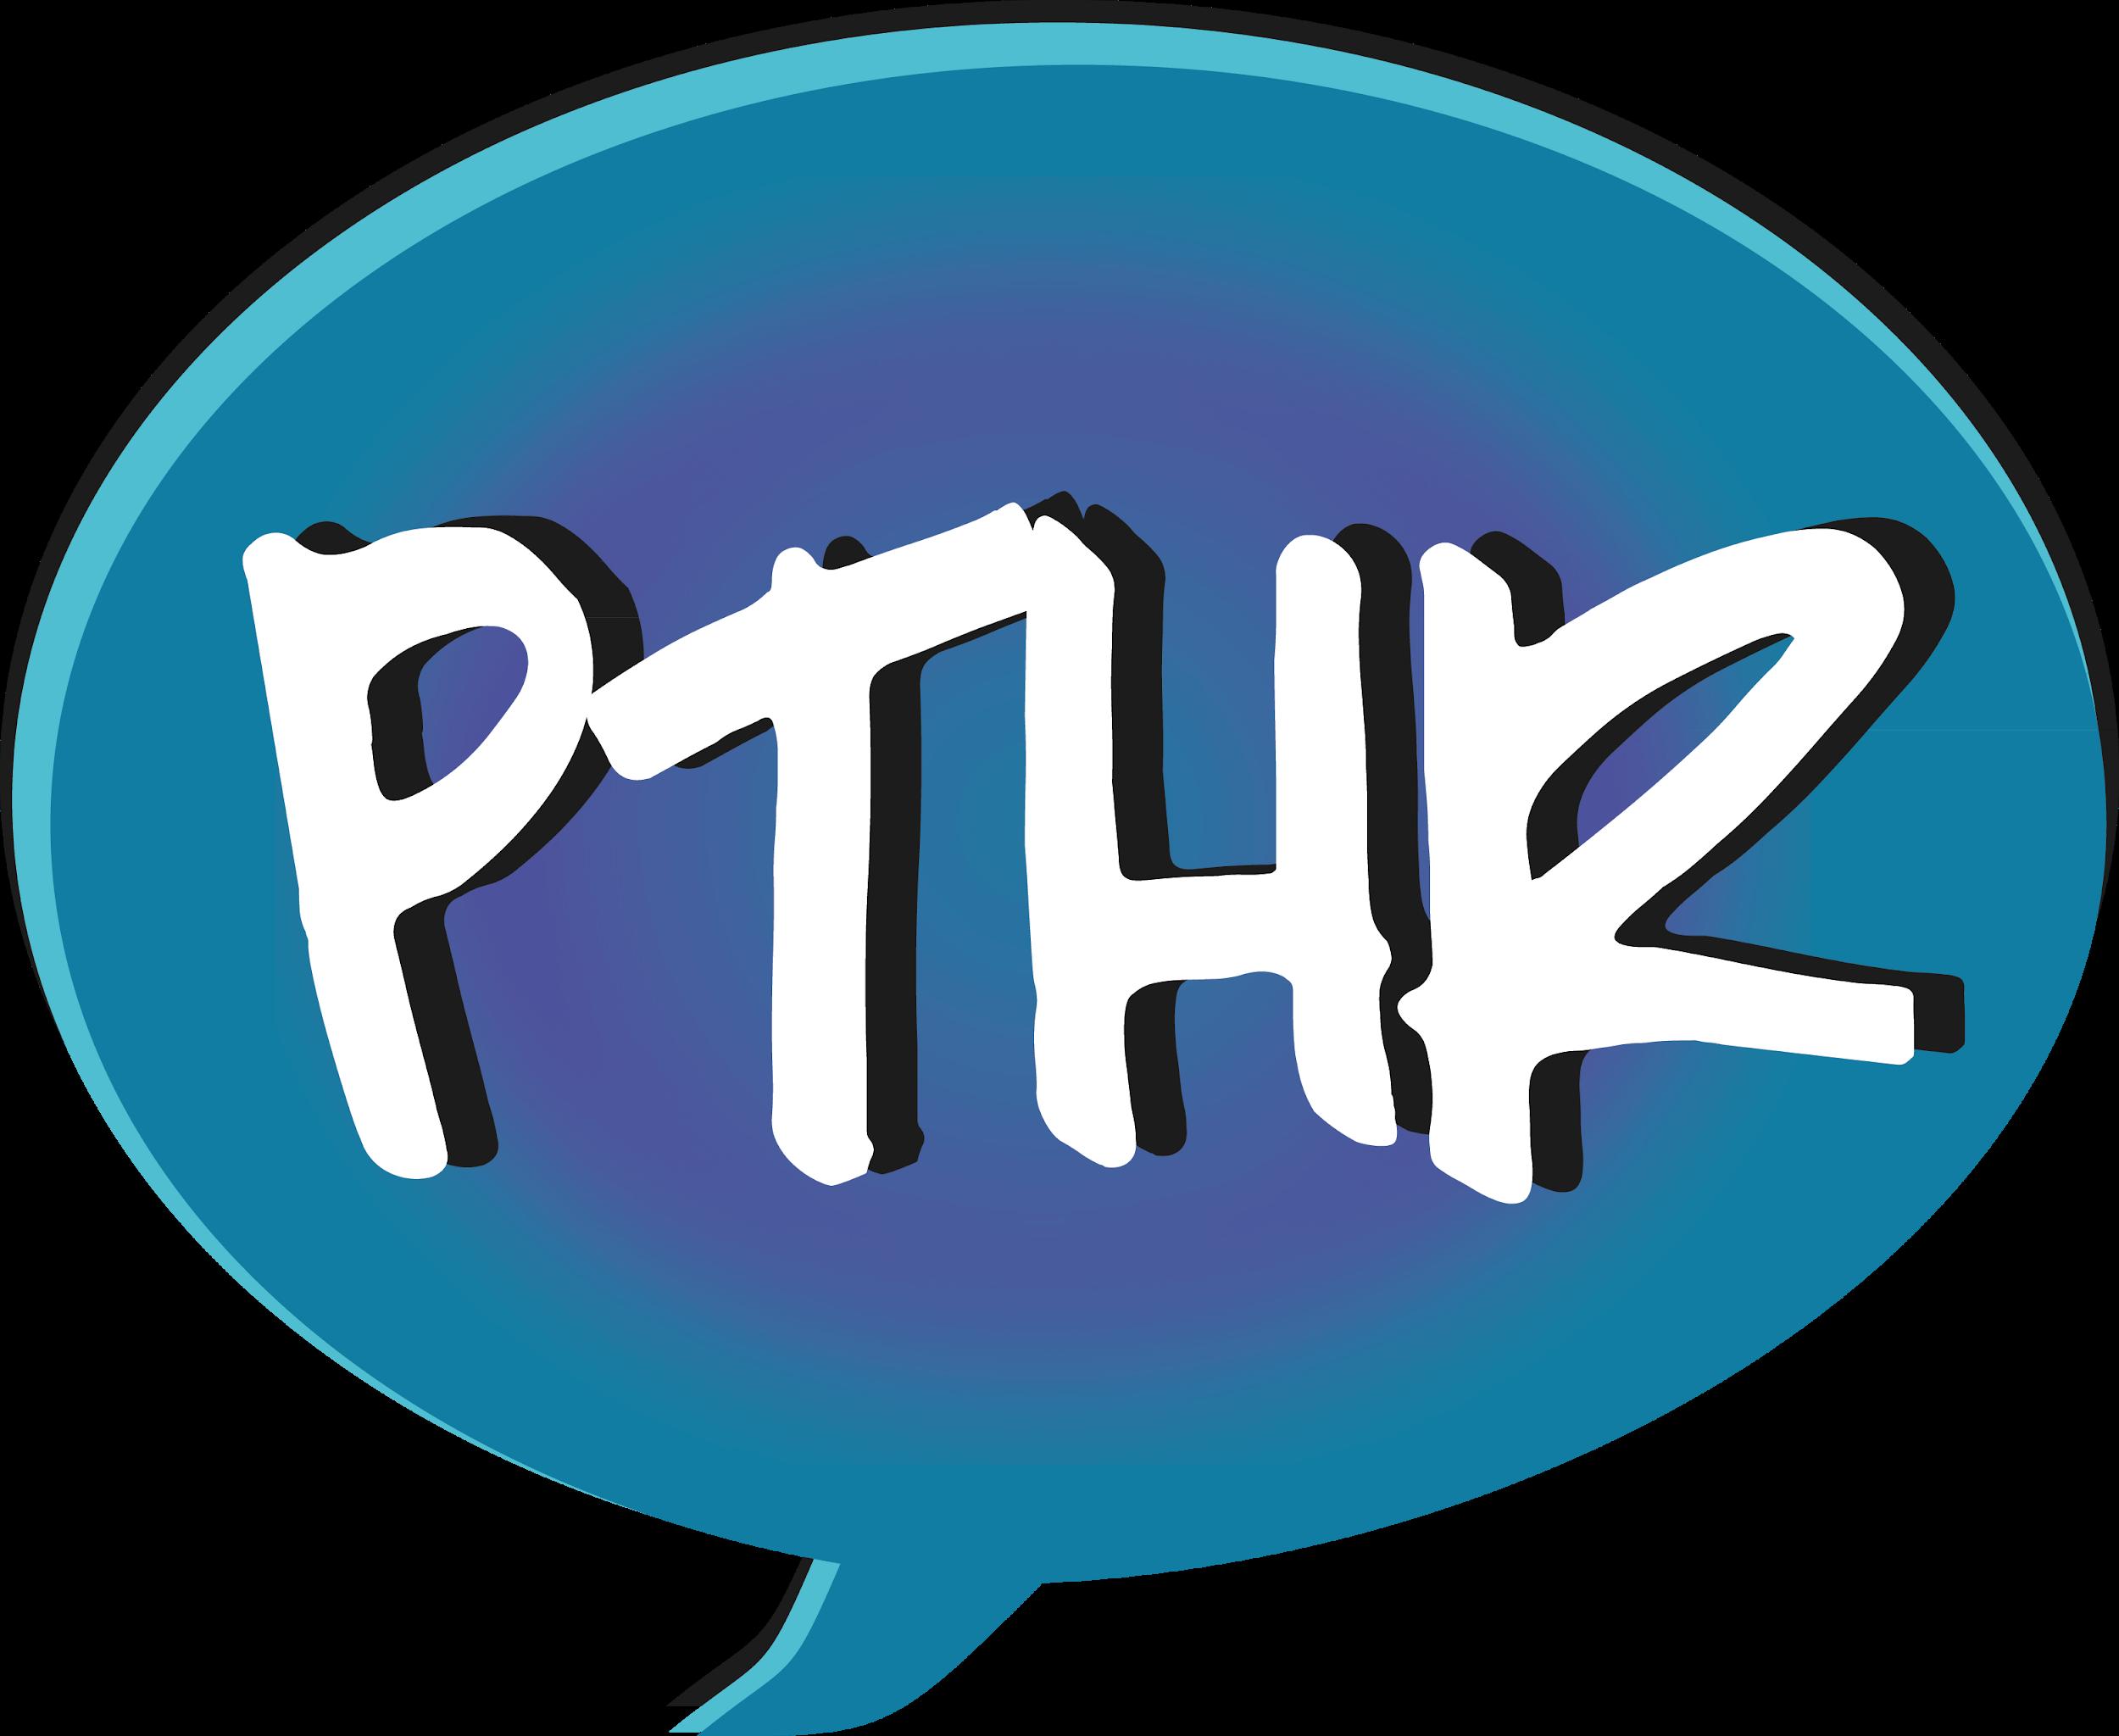 PTHR LTD